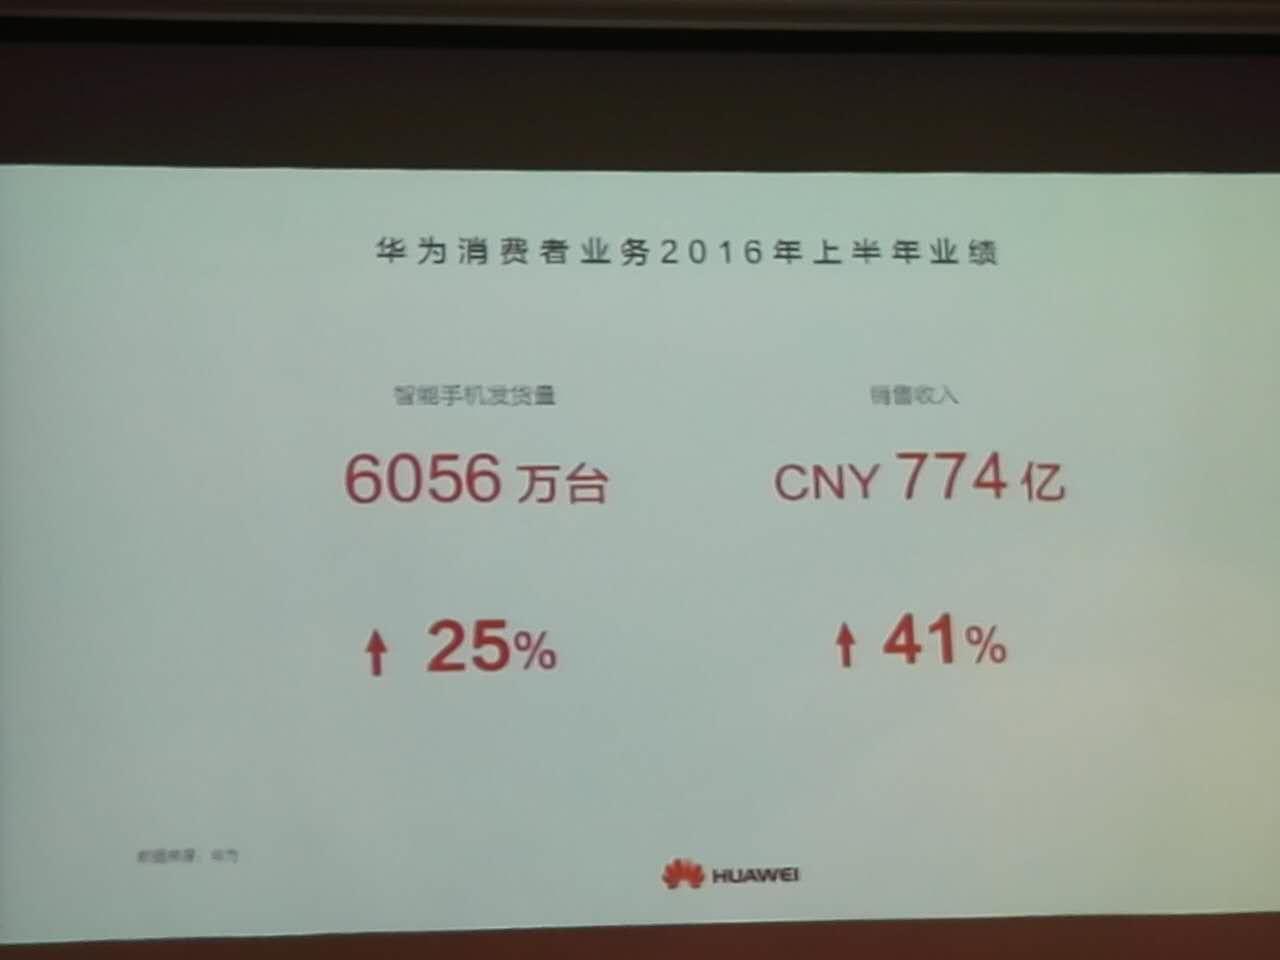 华为手机今年目标出货1.4亿部 营收280亿美元的照片 - 2